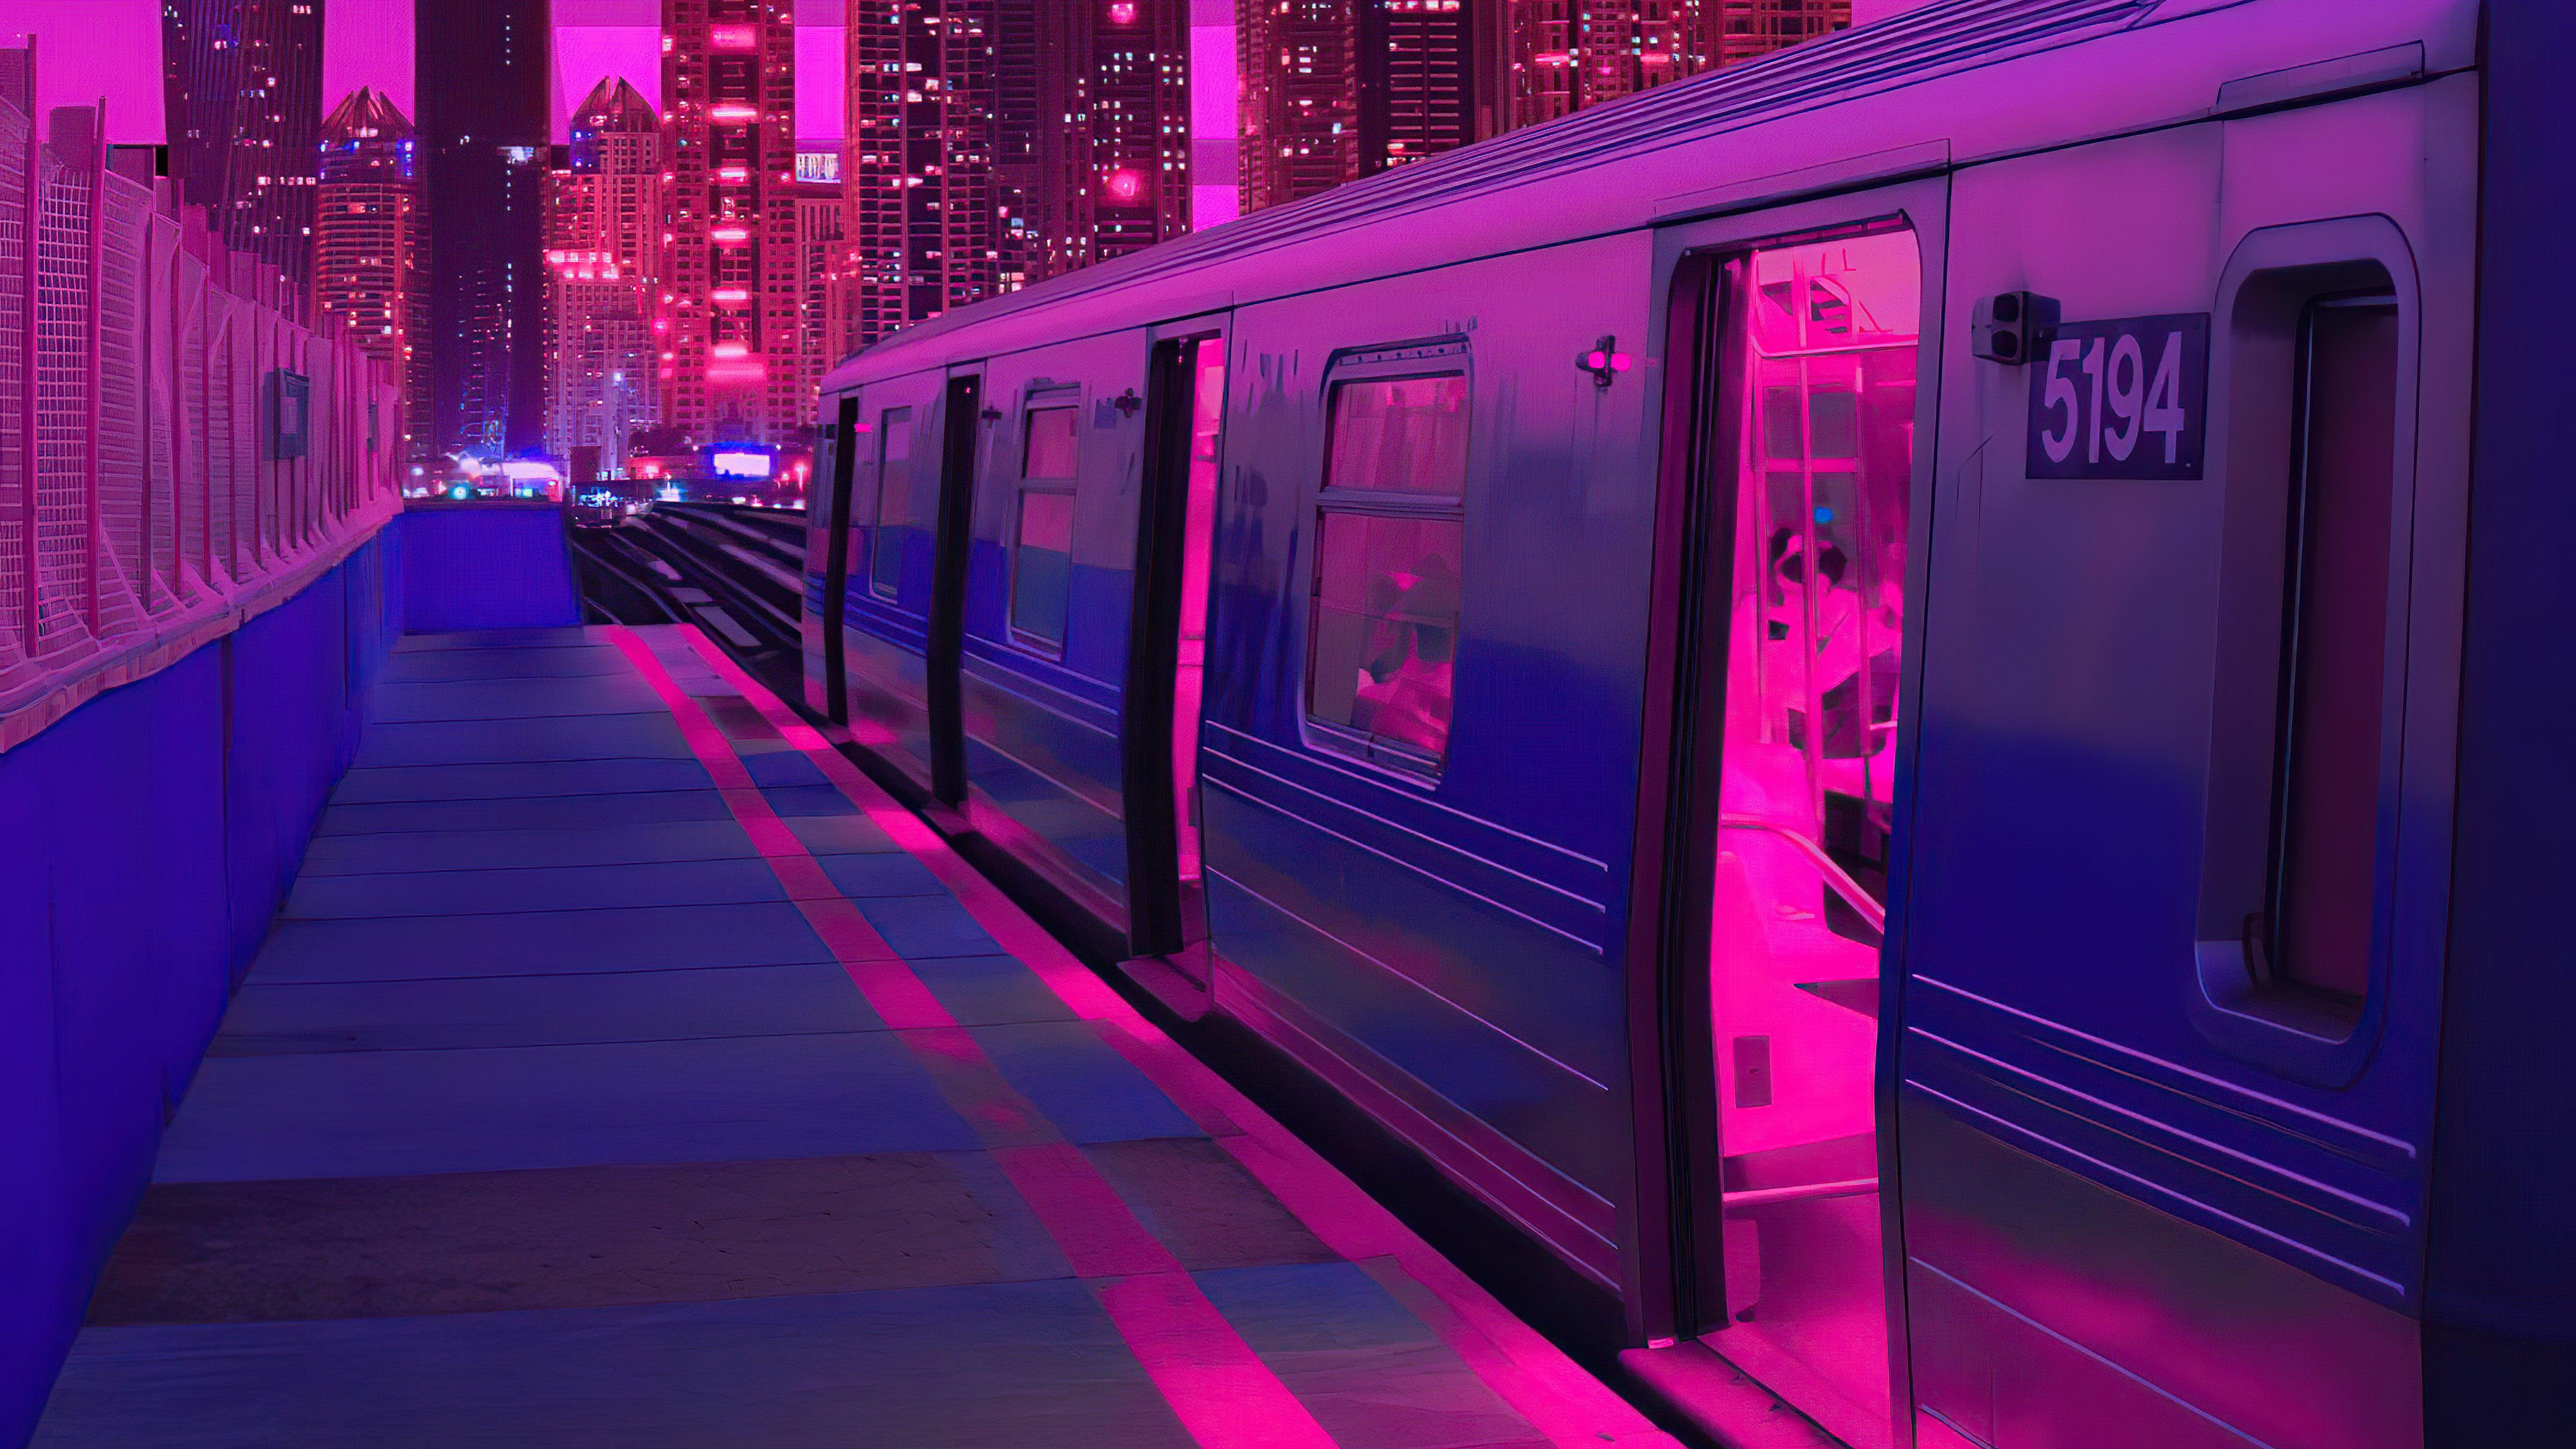 Fondos de pantalla Tren en una ciudad